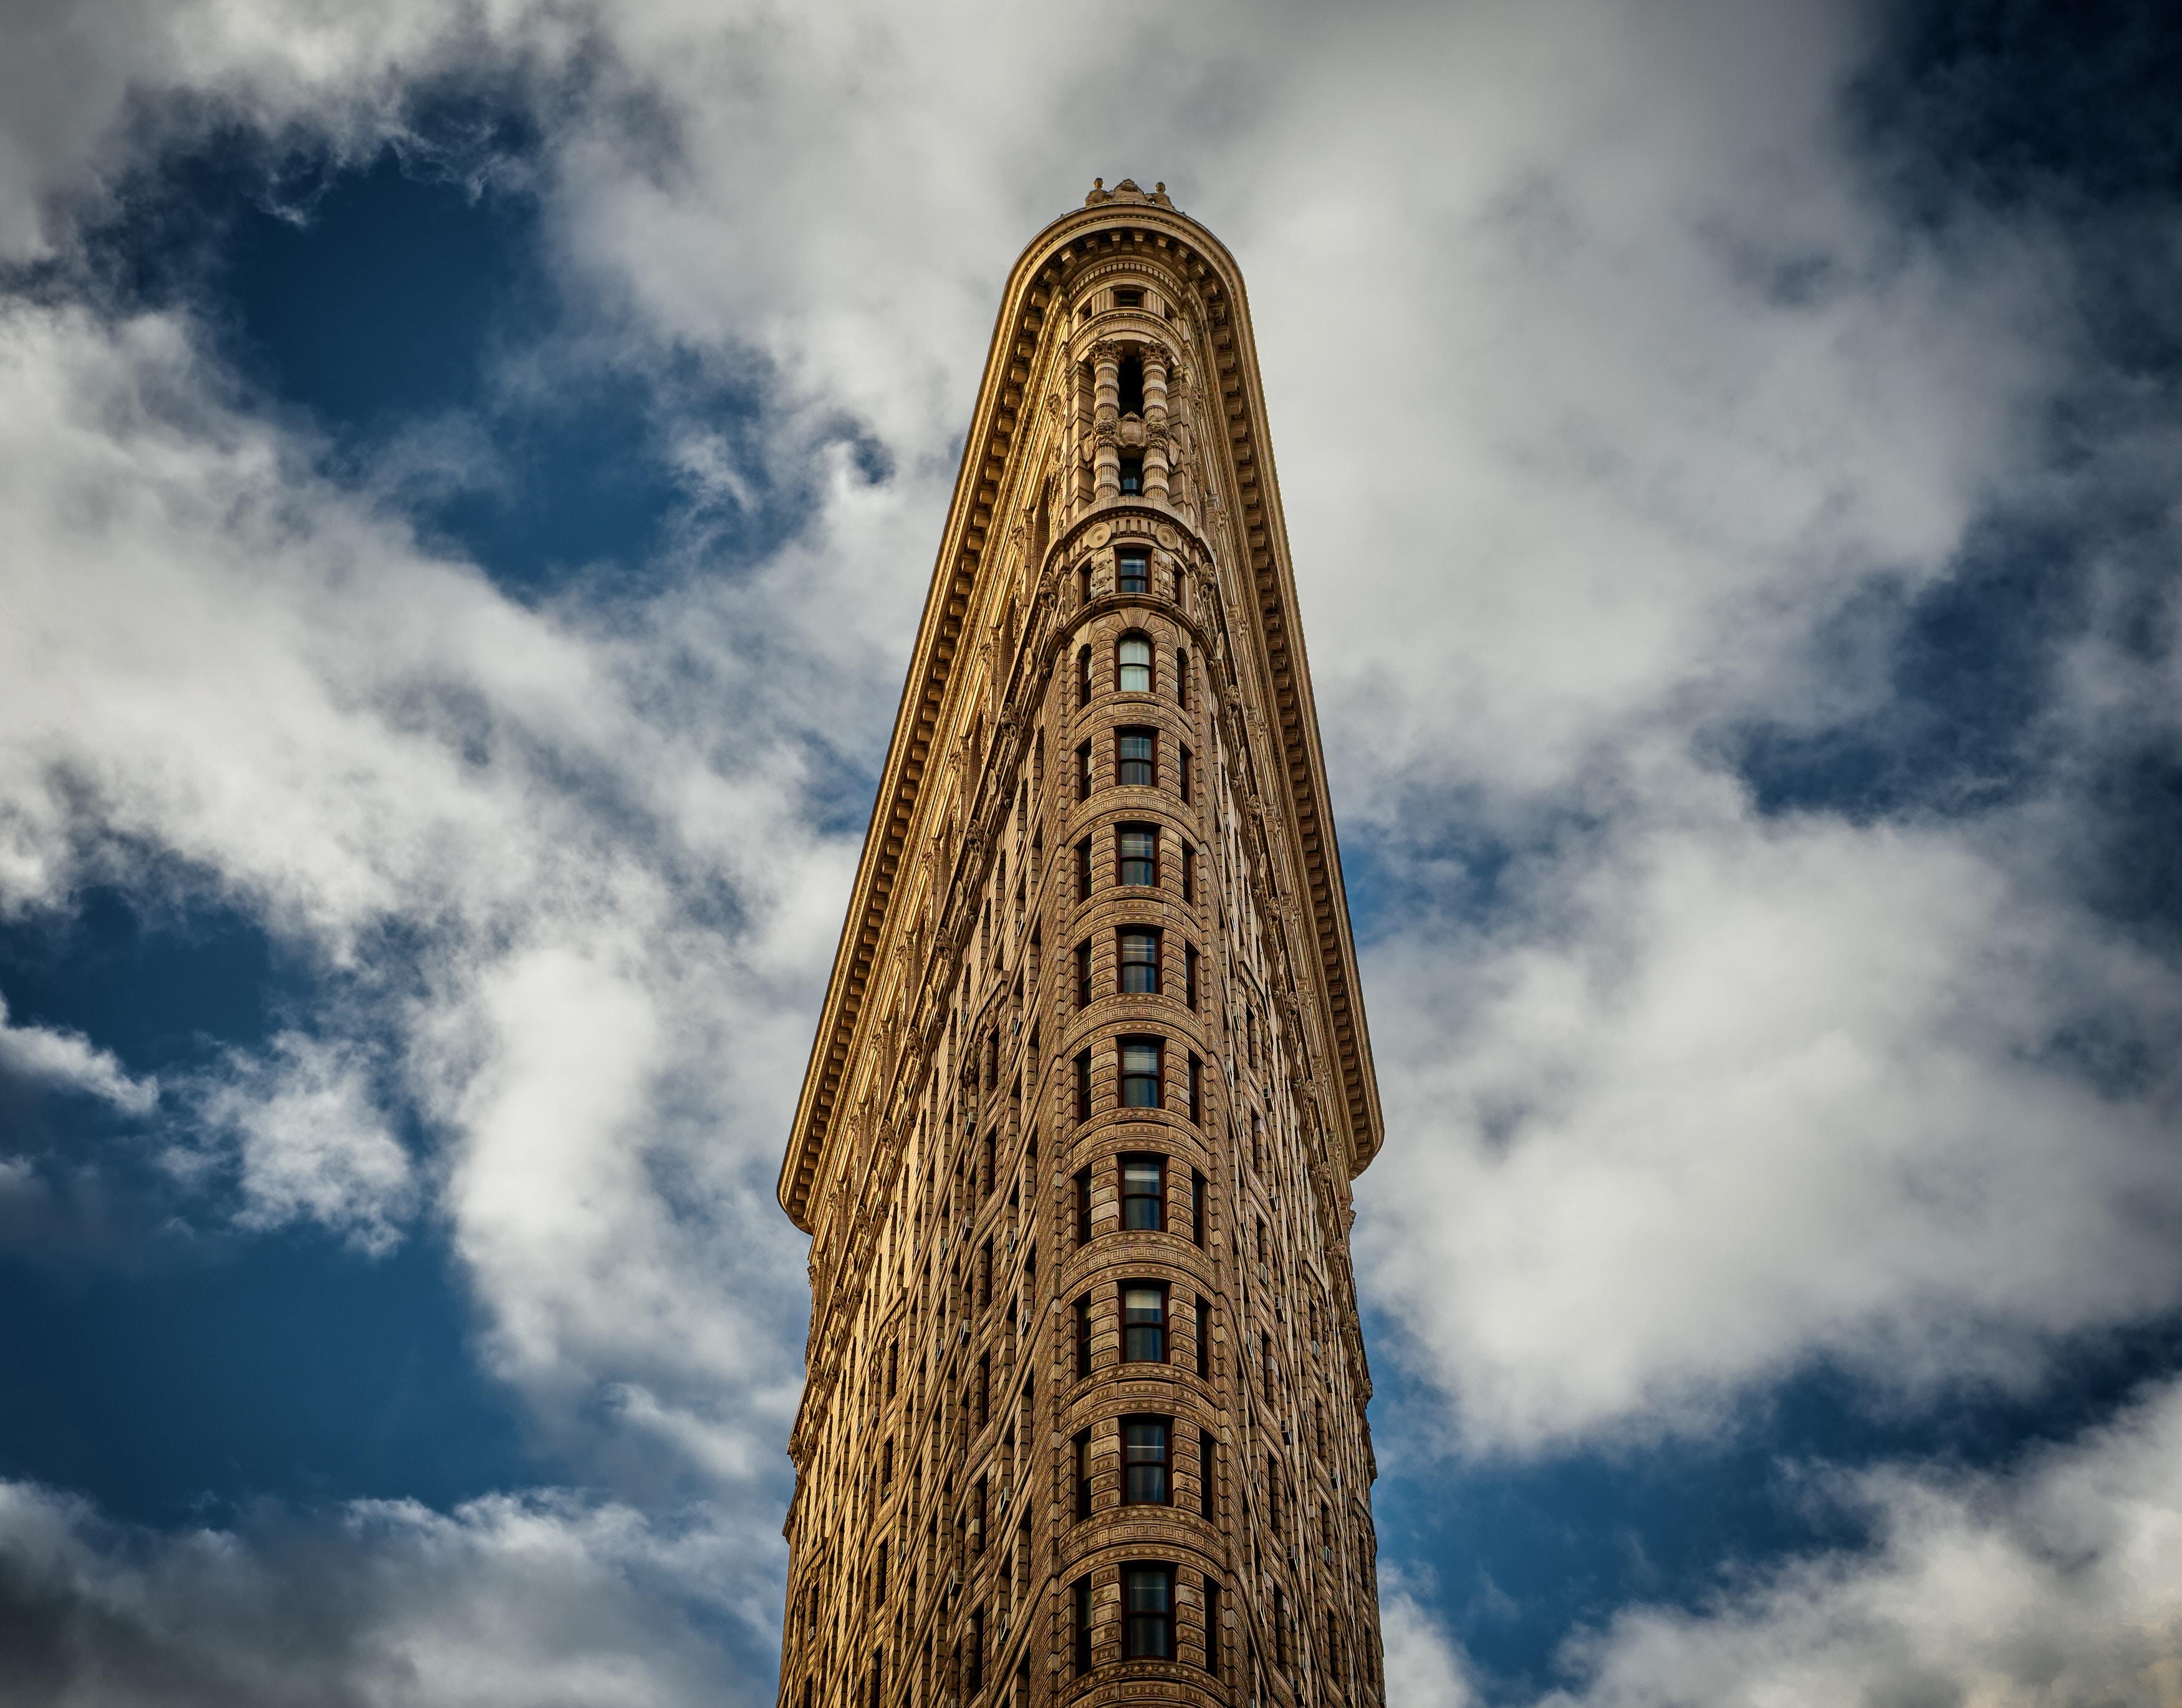 81355 Hintergrundbild herunterladen Architektur, Städte, Sky, Clouds, Gebäude, Fassade - Bildschirmschoner und Bilder kostenlos